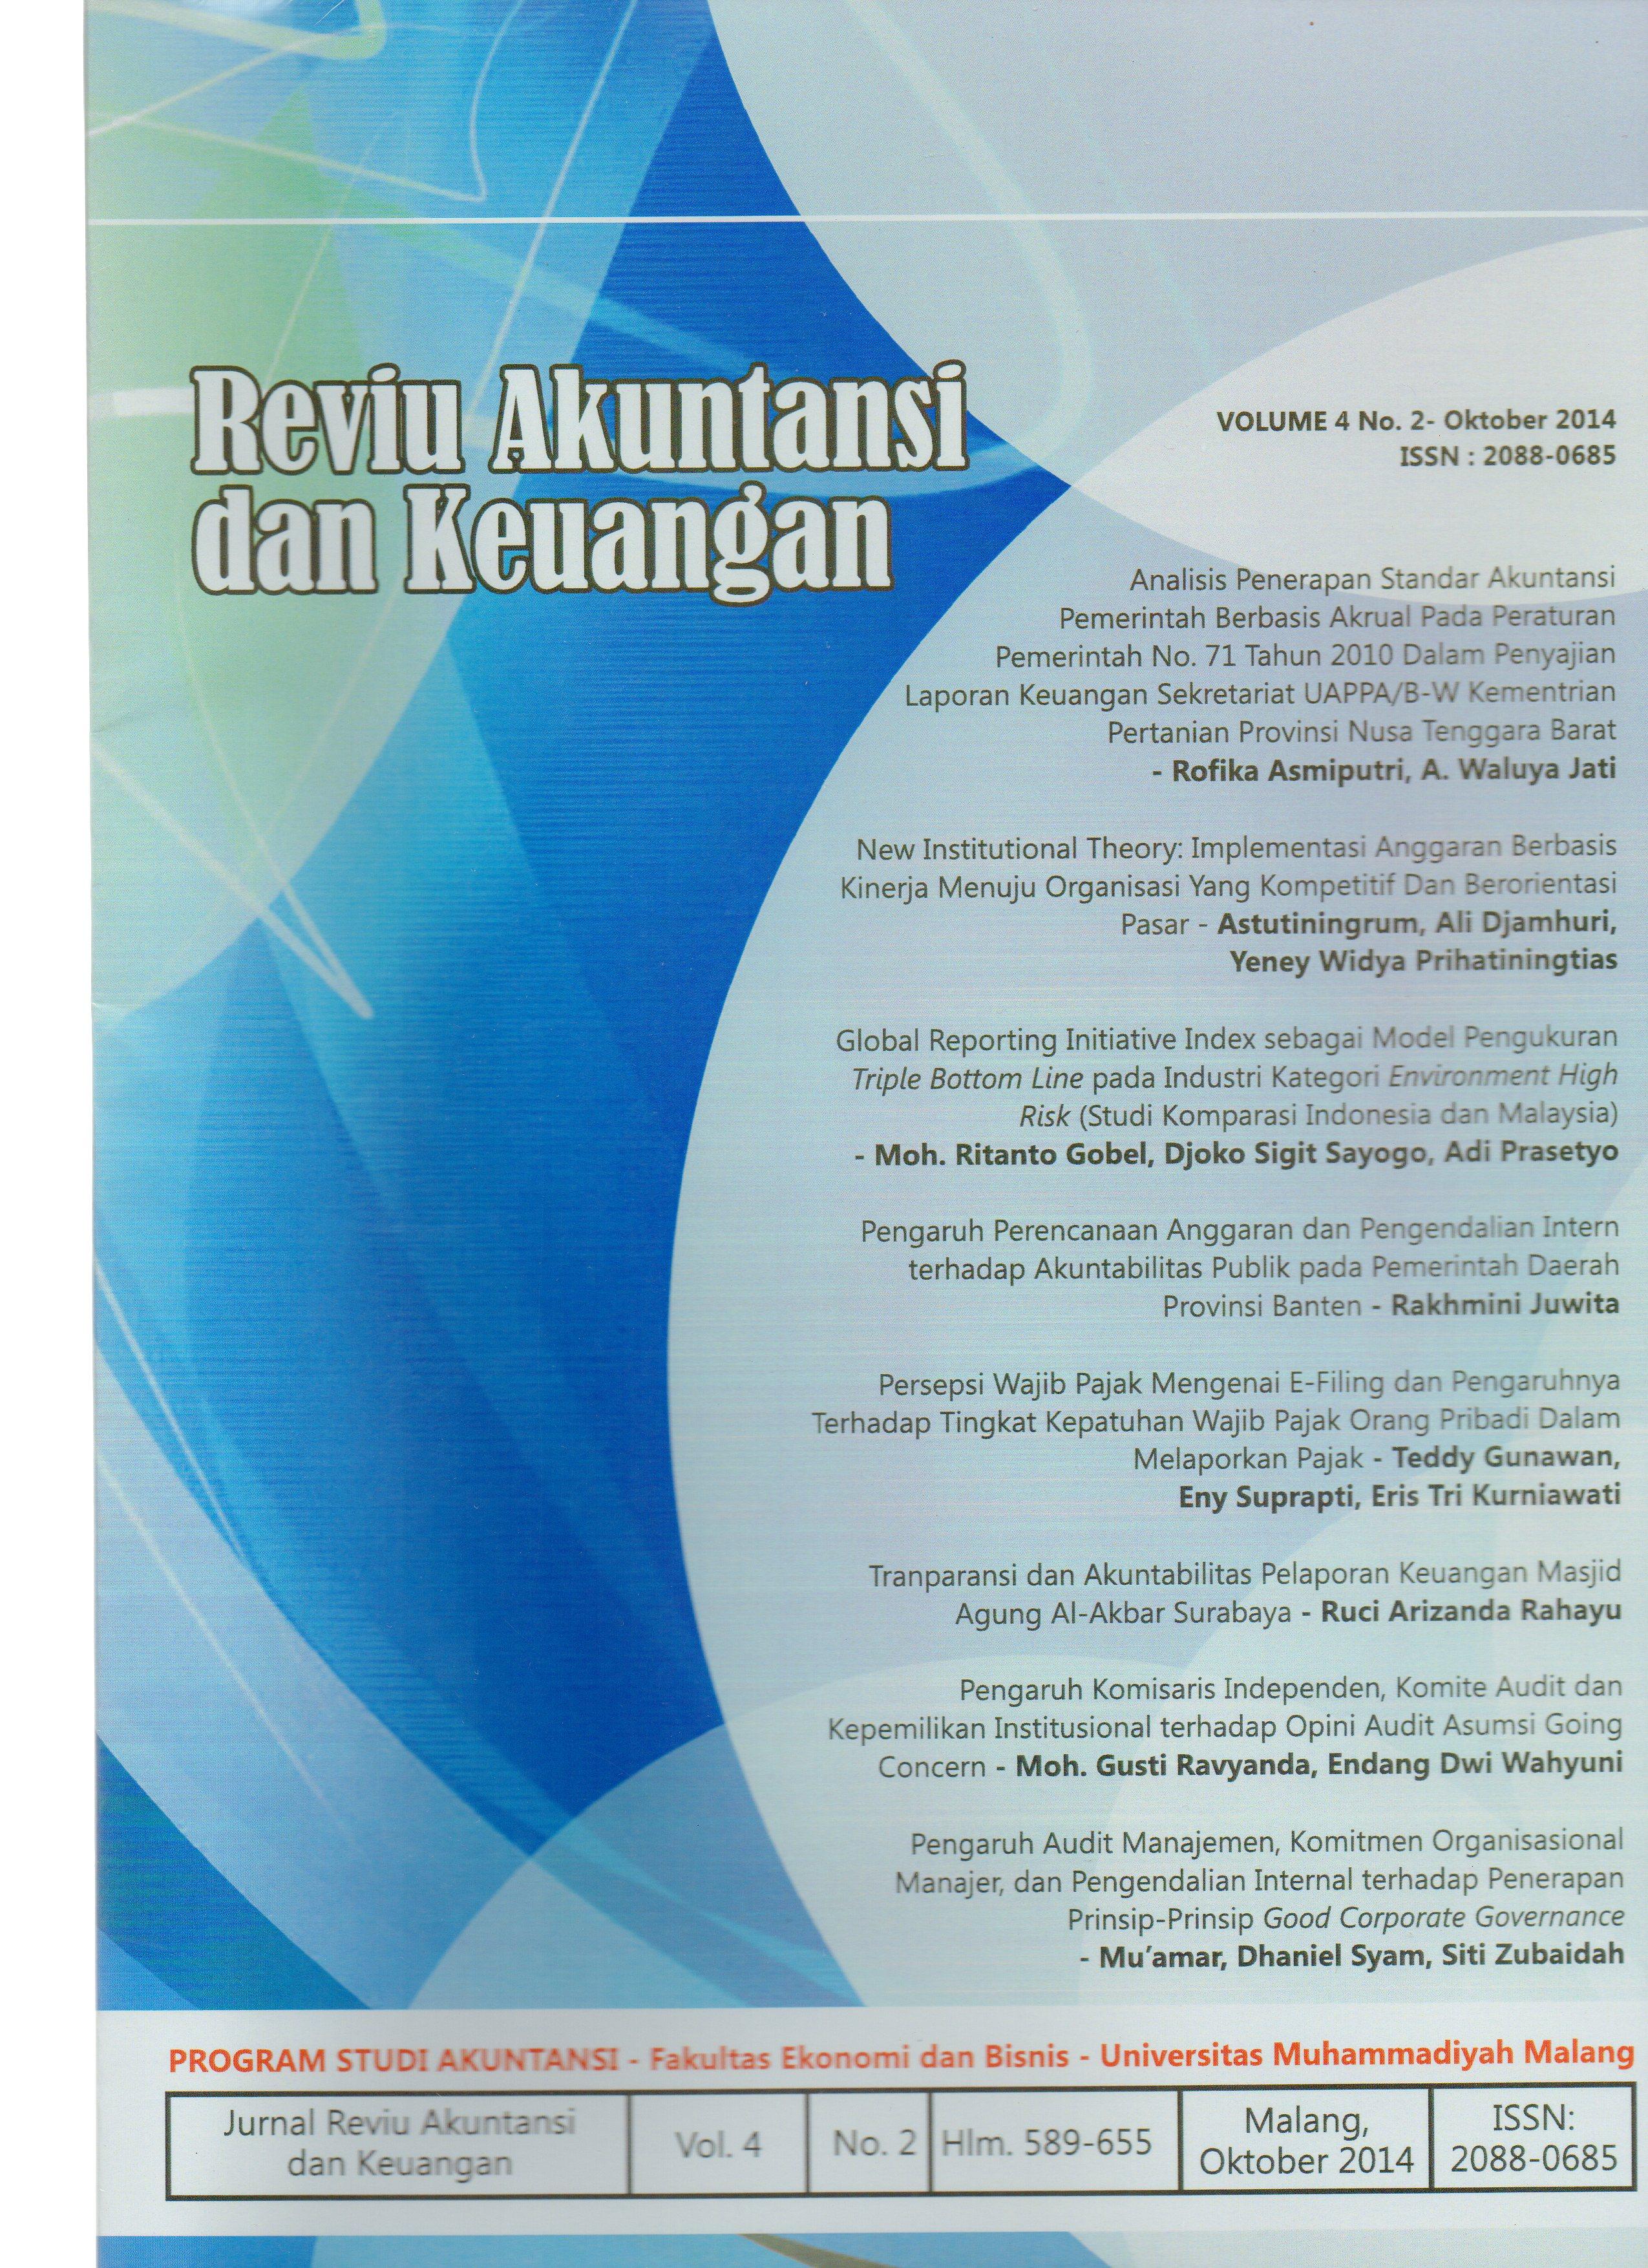 View Vol. 4 No. 2: Jurnal Reviu Akuntansi dan Keuangan